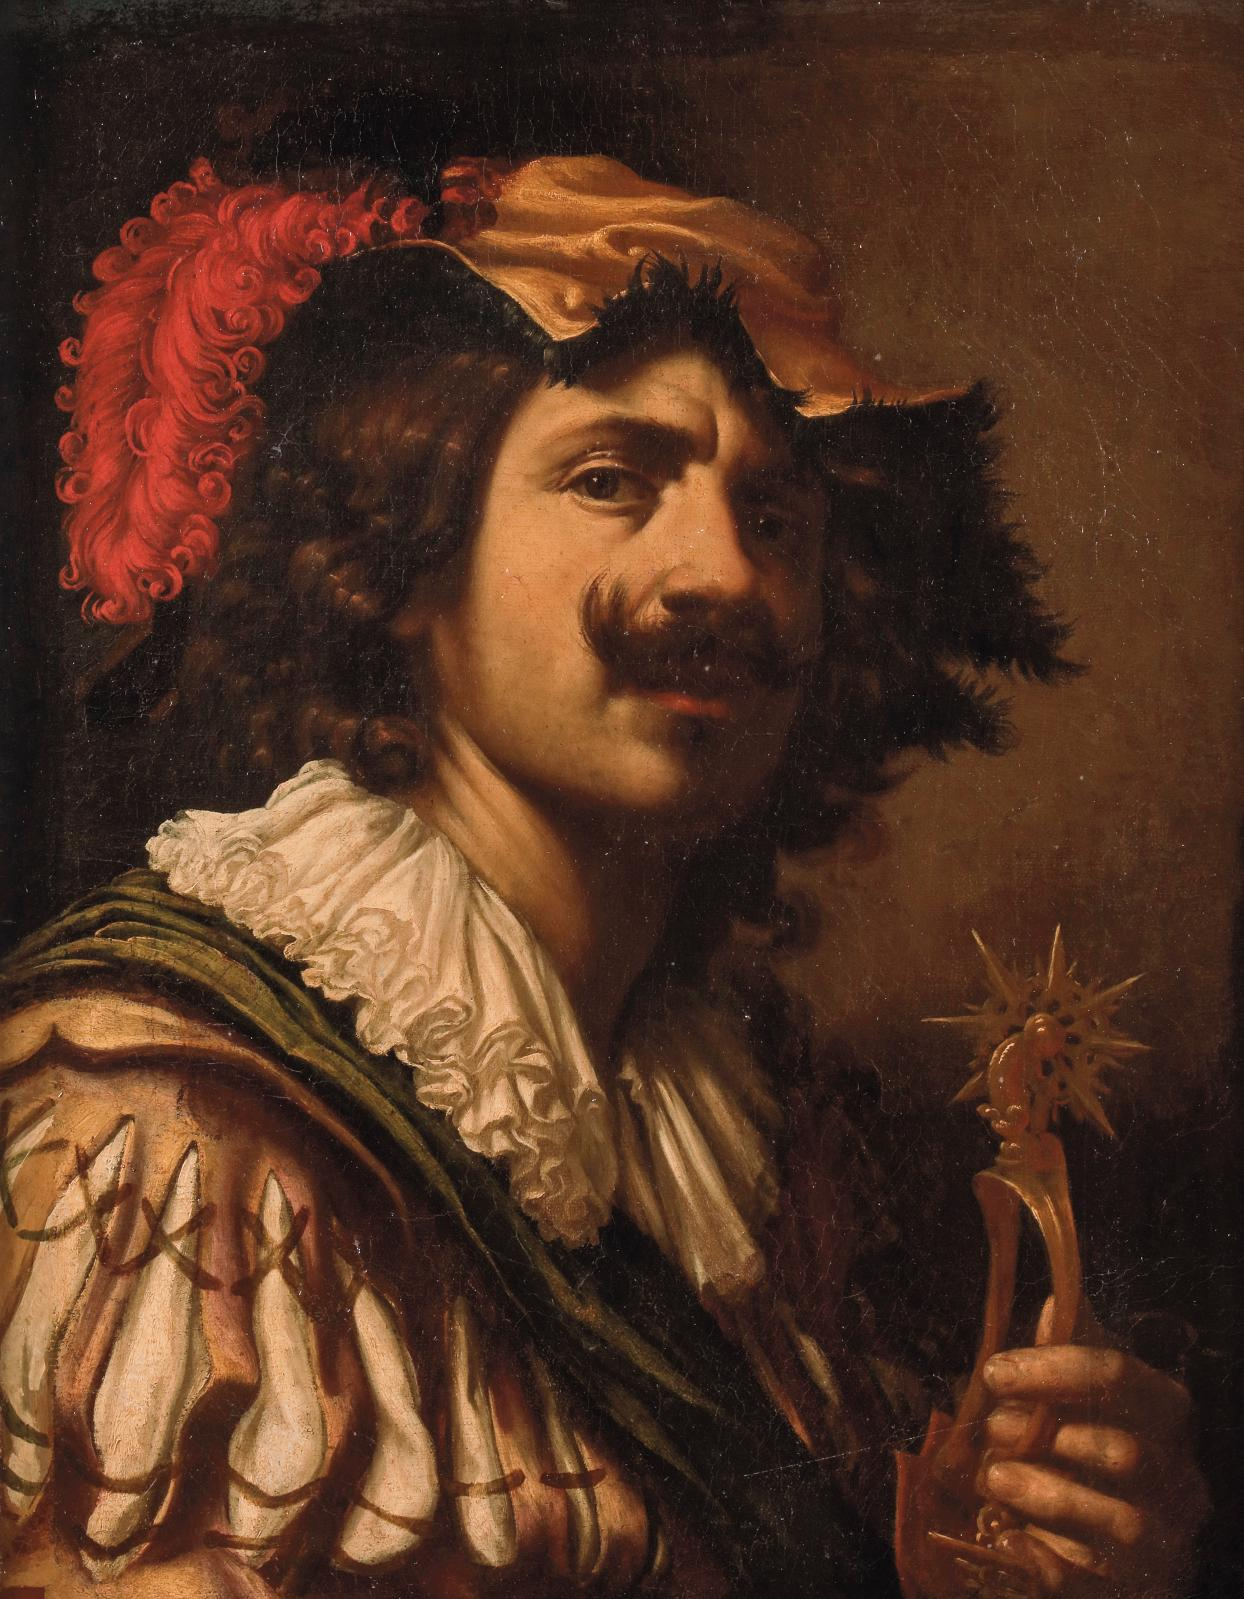 Francesco Lupicini (1591-vers 1656), Autoportrait présumé de l'artiste tenant un éperon, huile sur toile, agrandie sur trois côtés, 57x45,5cm. Esti